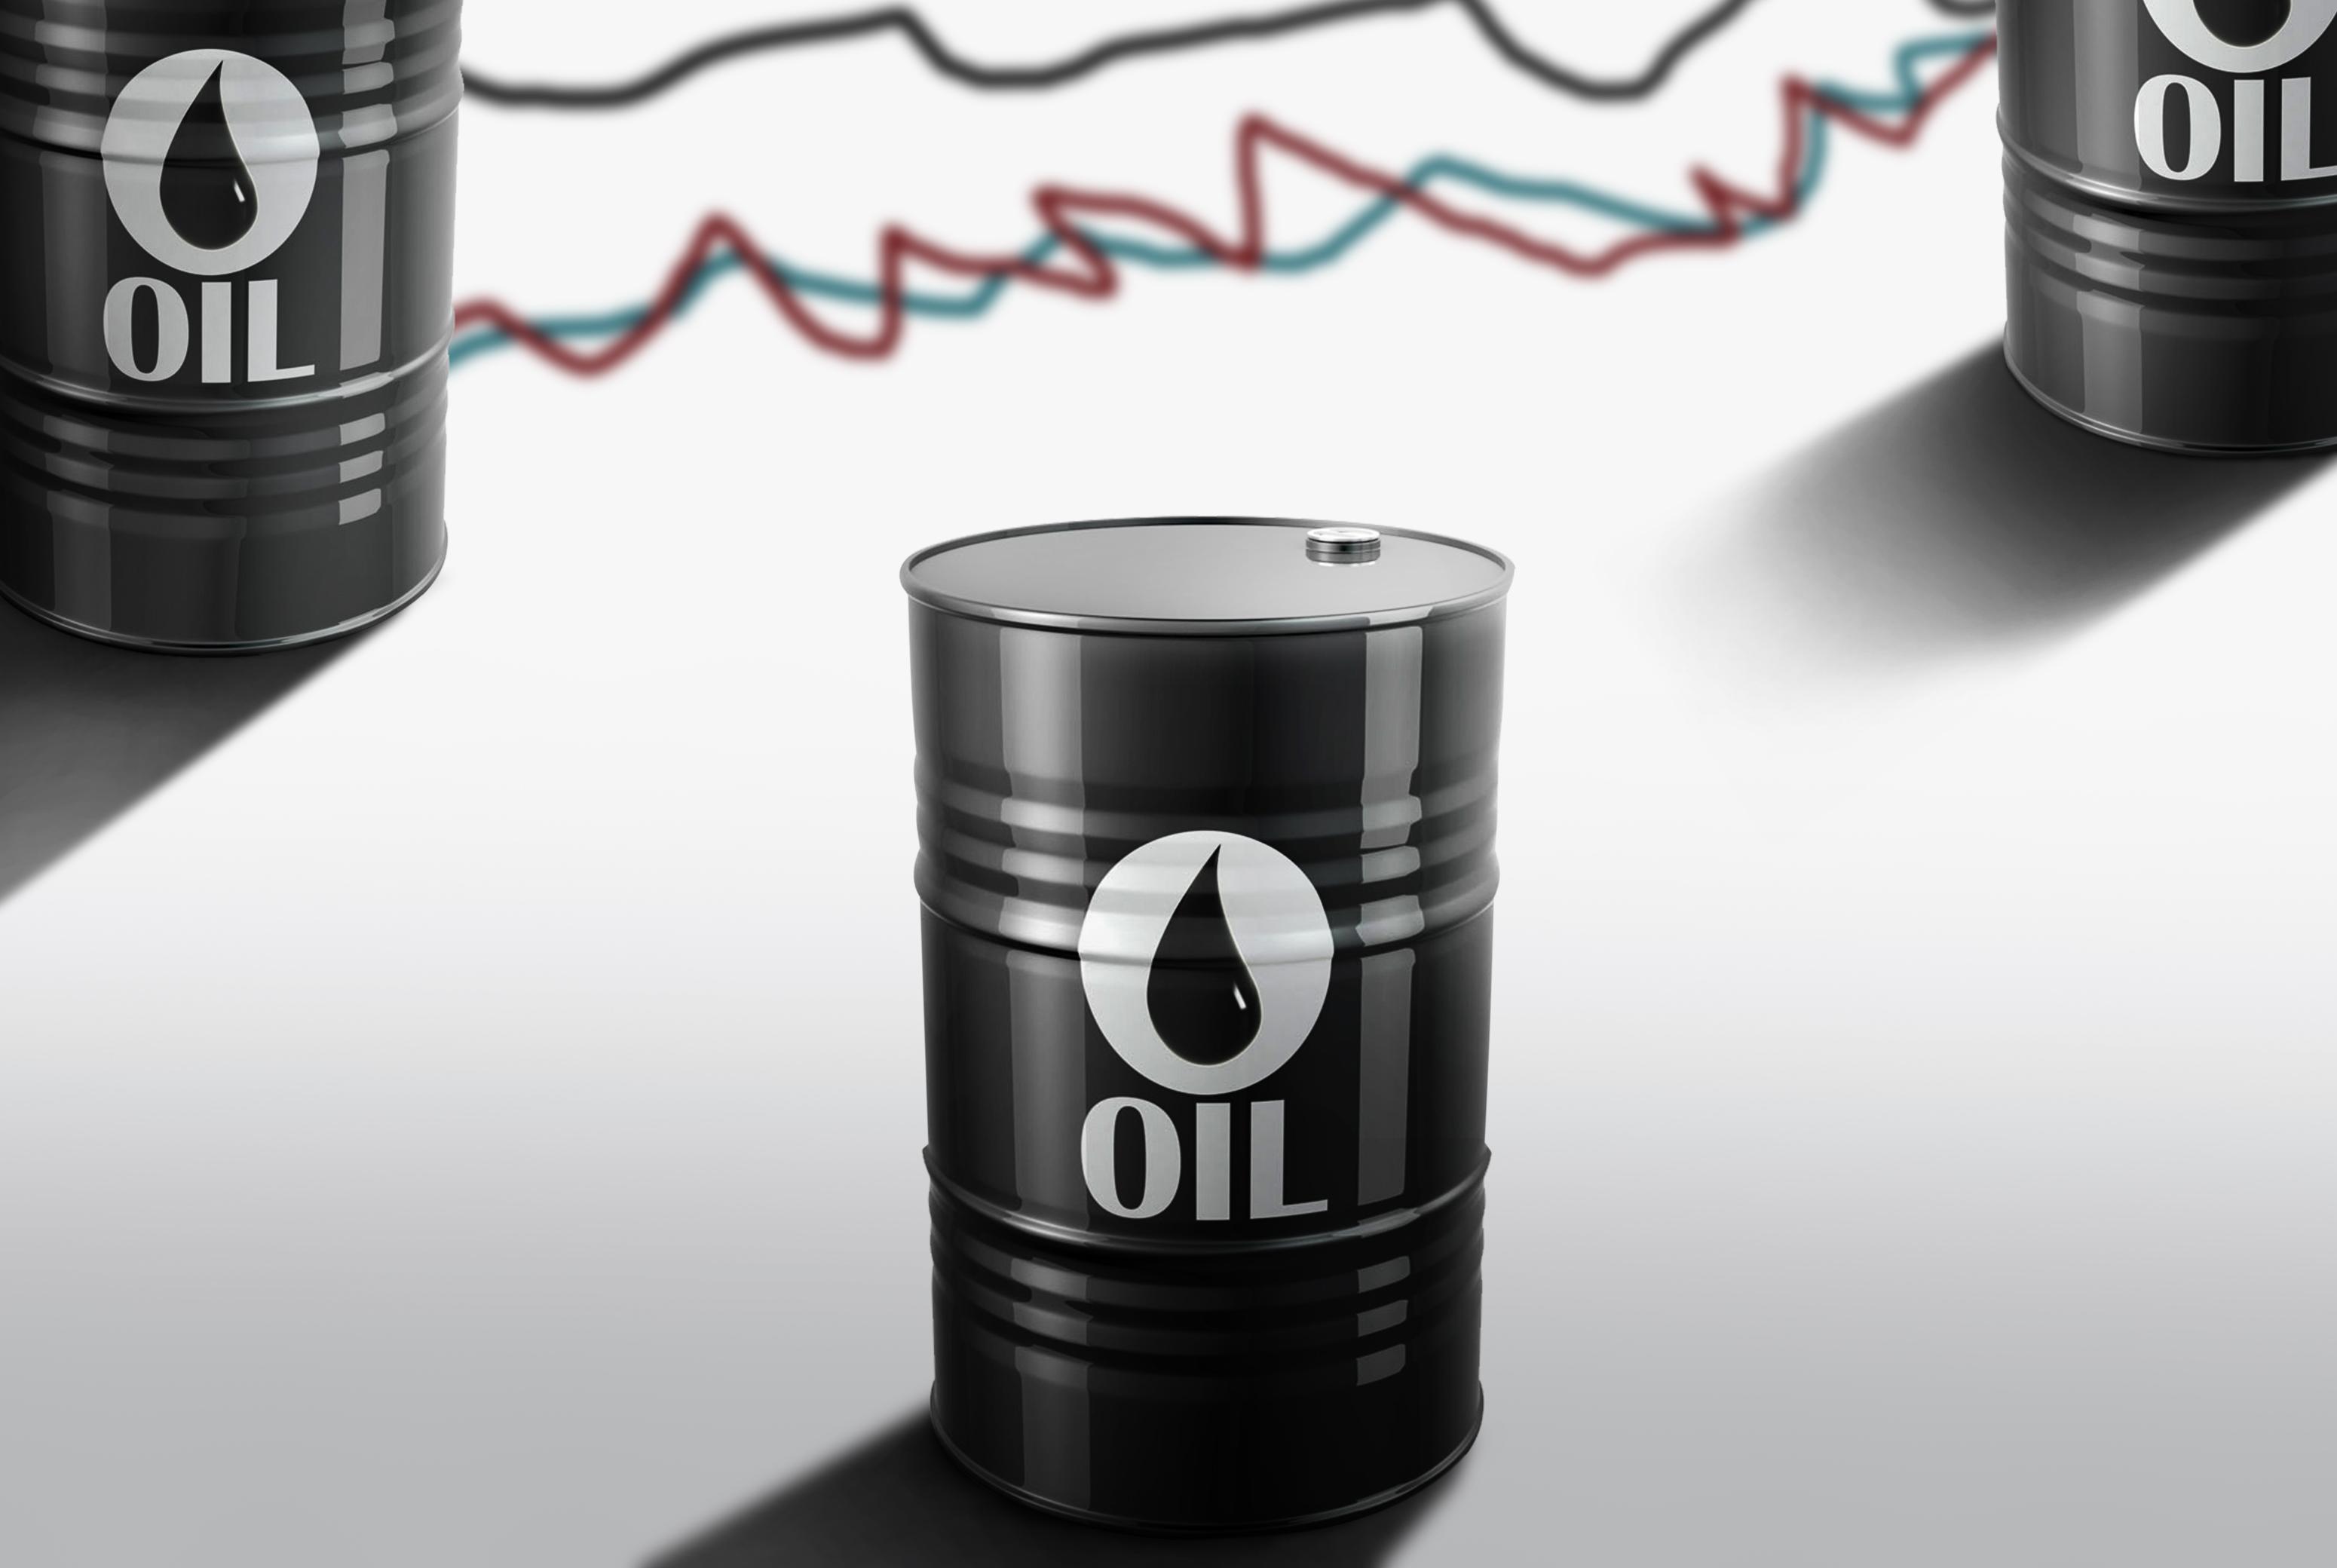 乐观情绪抵消疫情忧虑 周四原油延续涨势